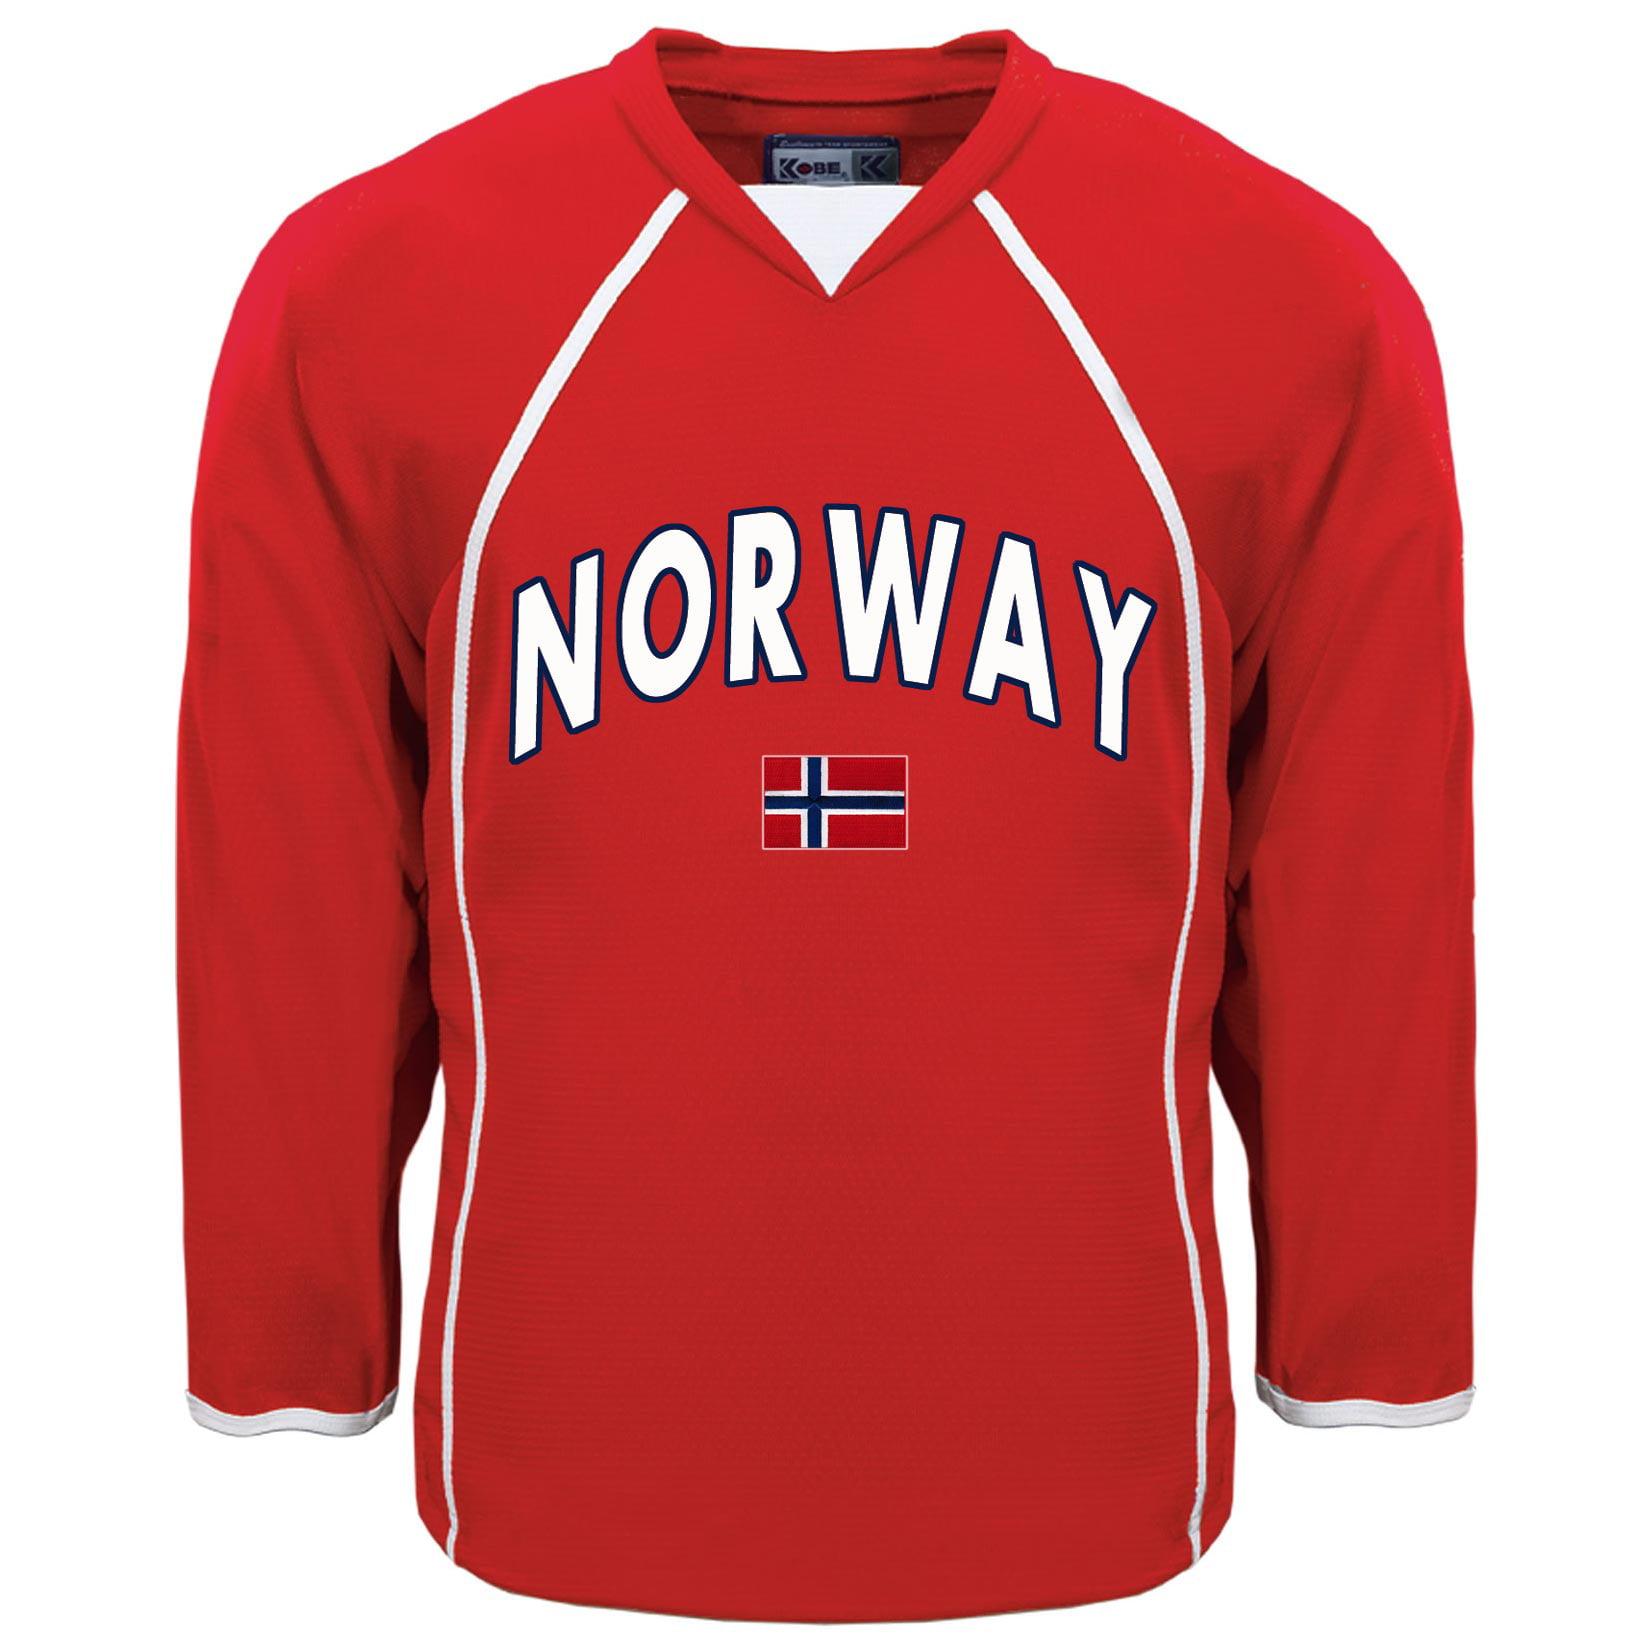 Norway MyCountry Fan Hockey Jersey IceJerseys